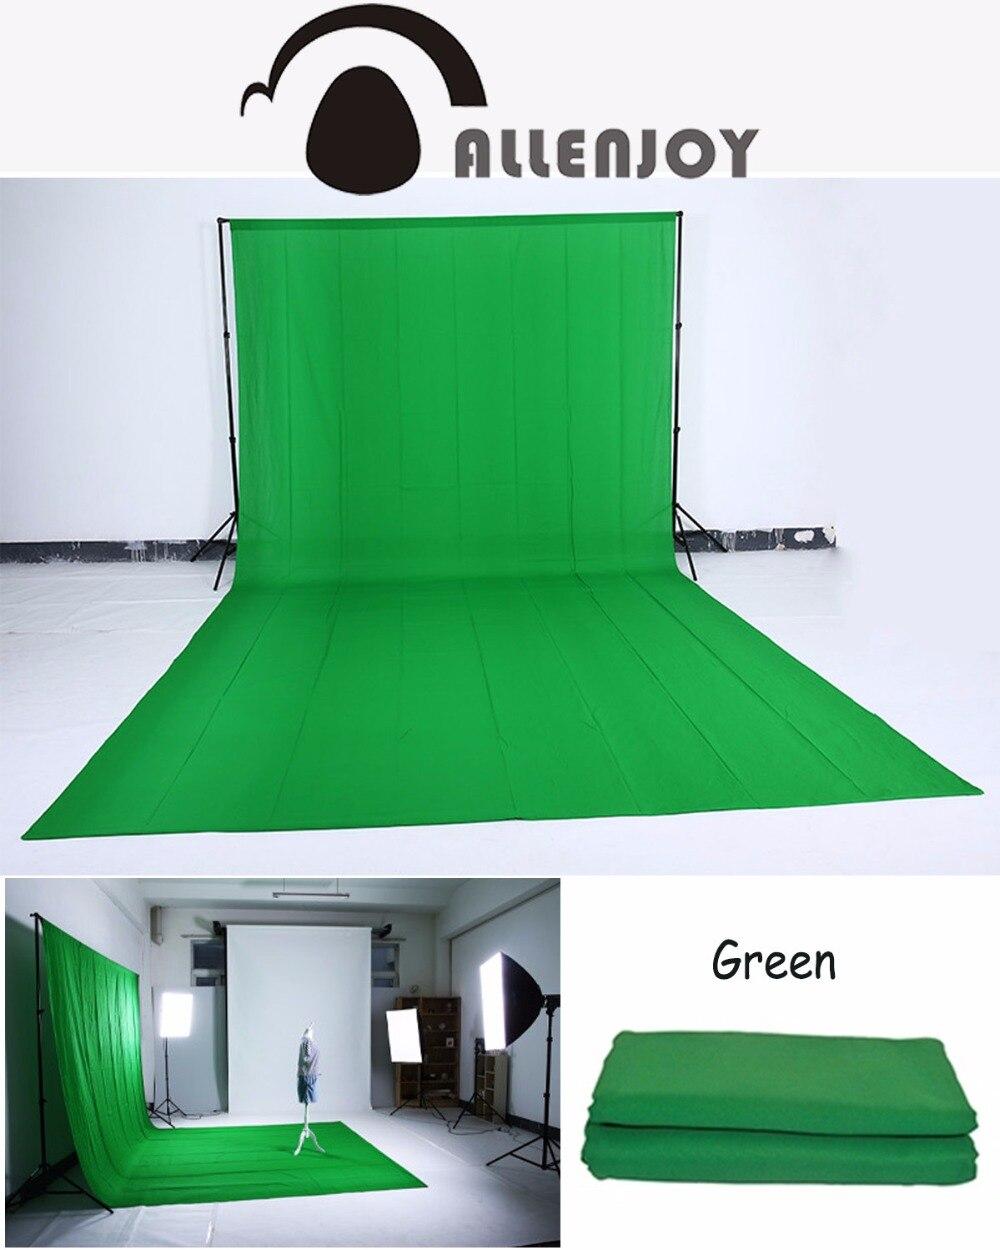 Allenjoy Hromakey fond d'écran vert fond de mousseline chromakey pour vidéo taille personnalisée Studio d'éclairage Photo professionnel